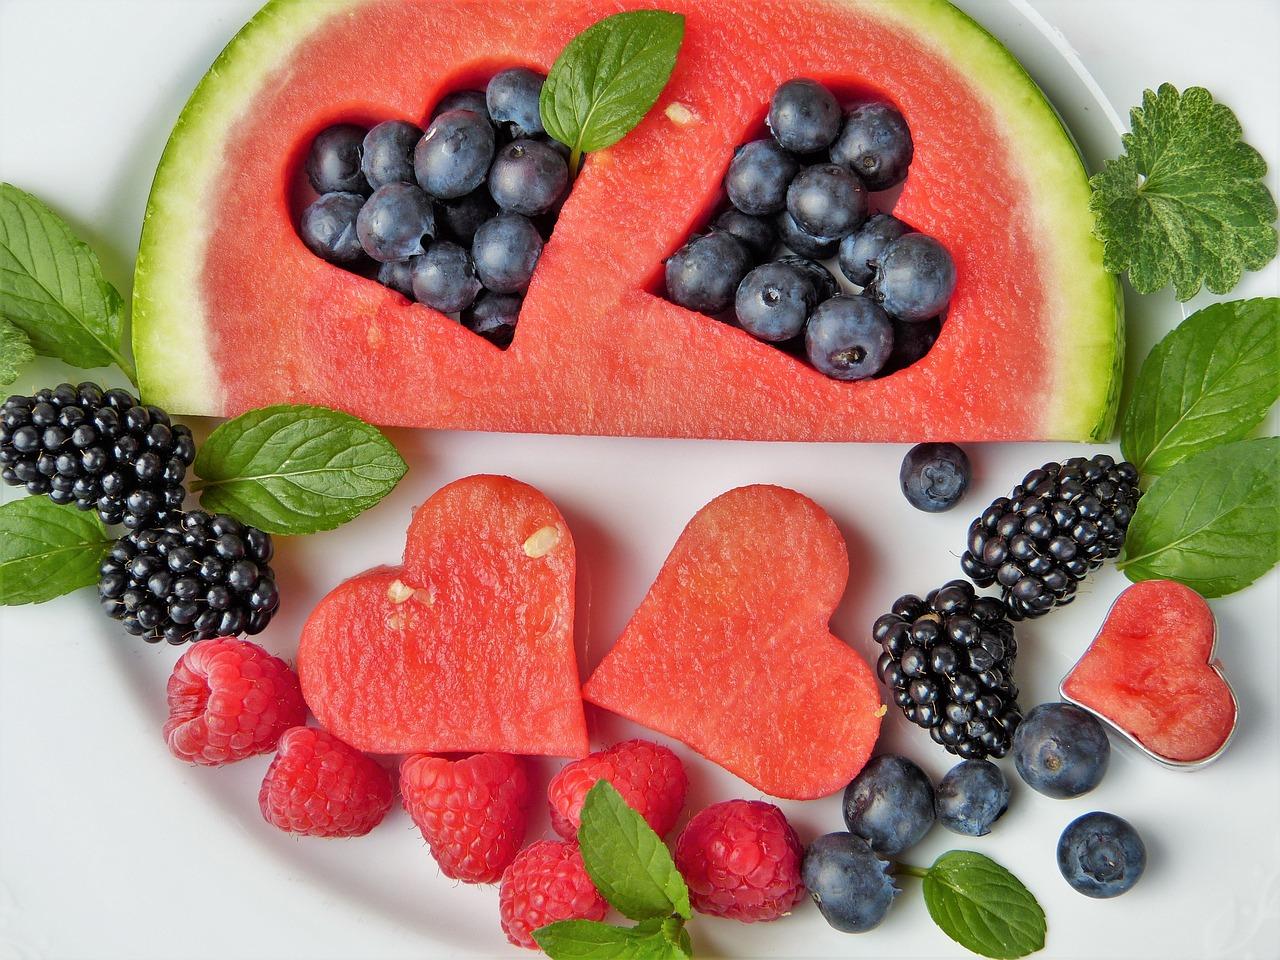 Le nouveau Guide Alimentaire Canadien, une ressource à découvrir?